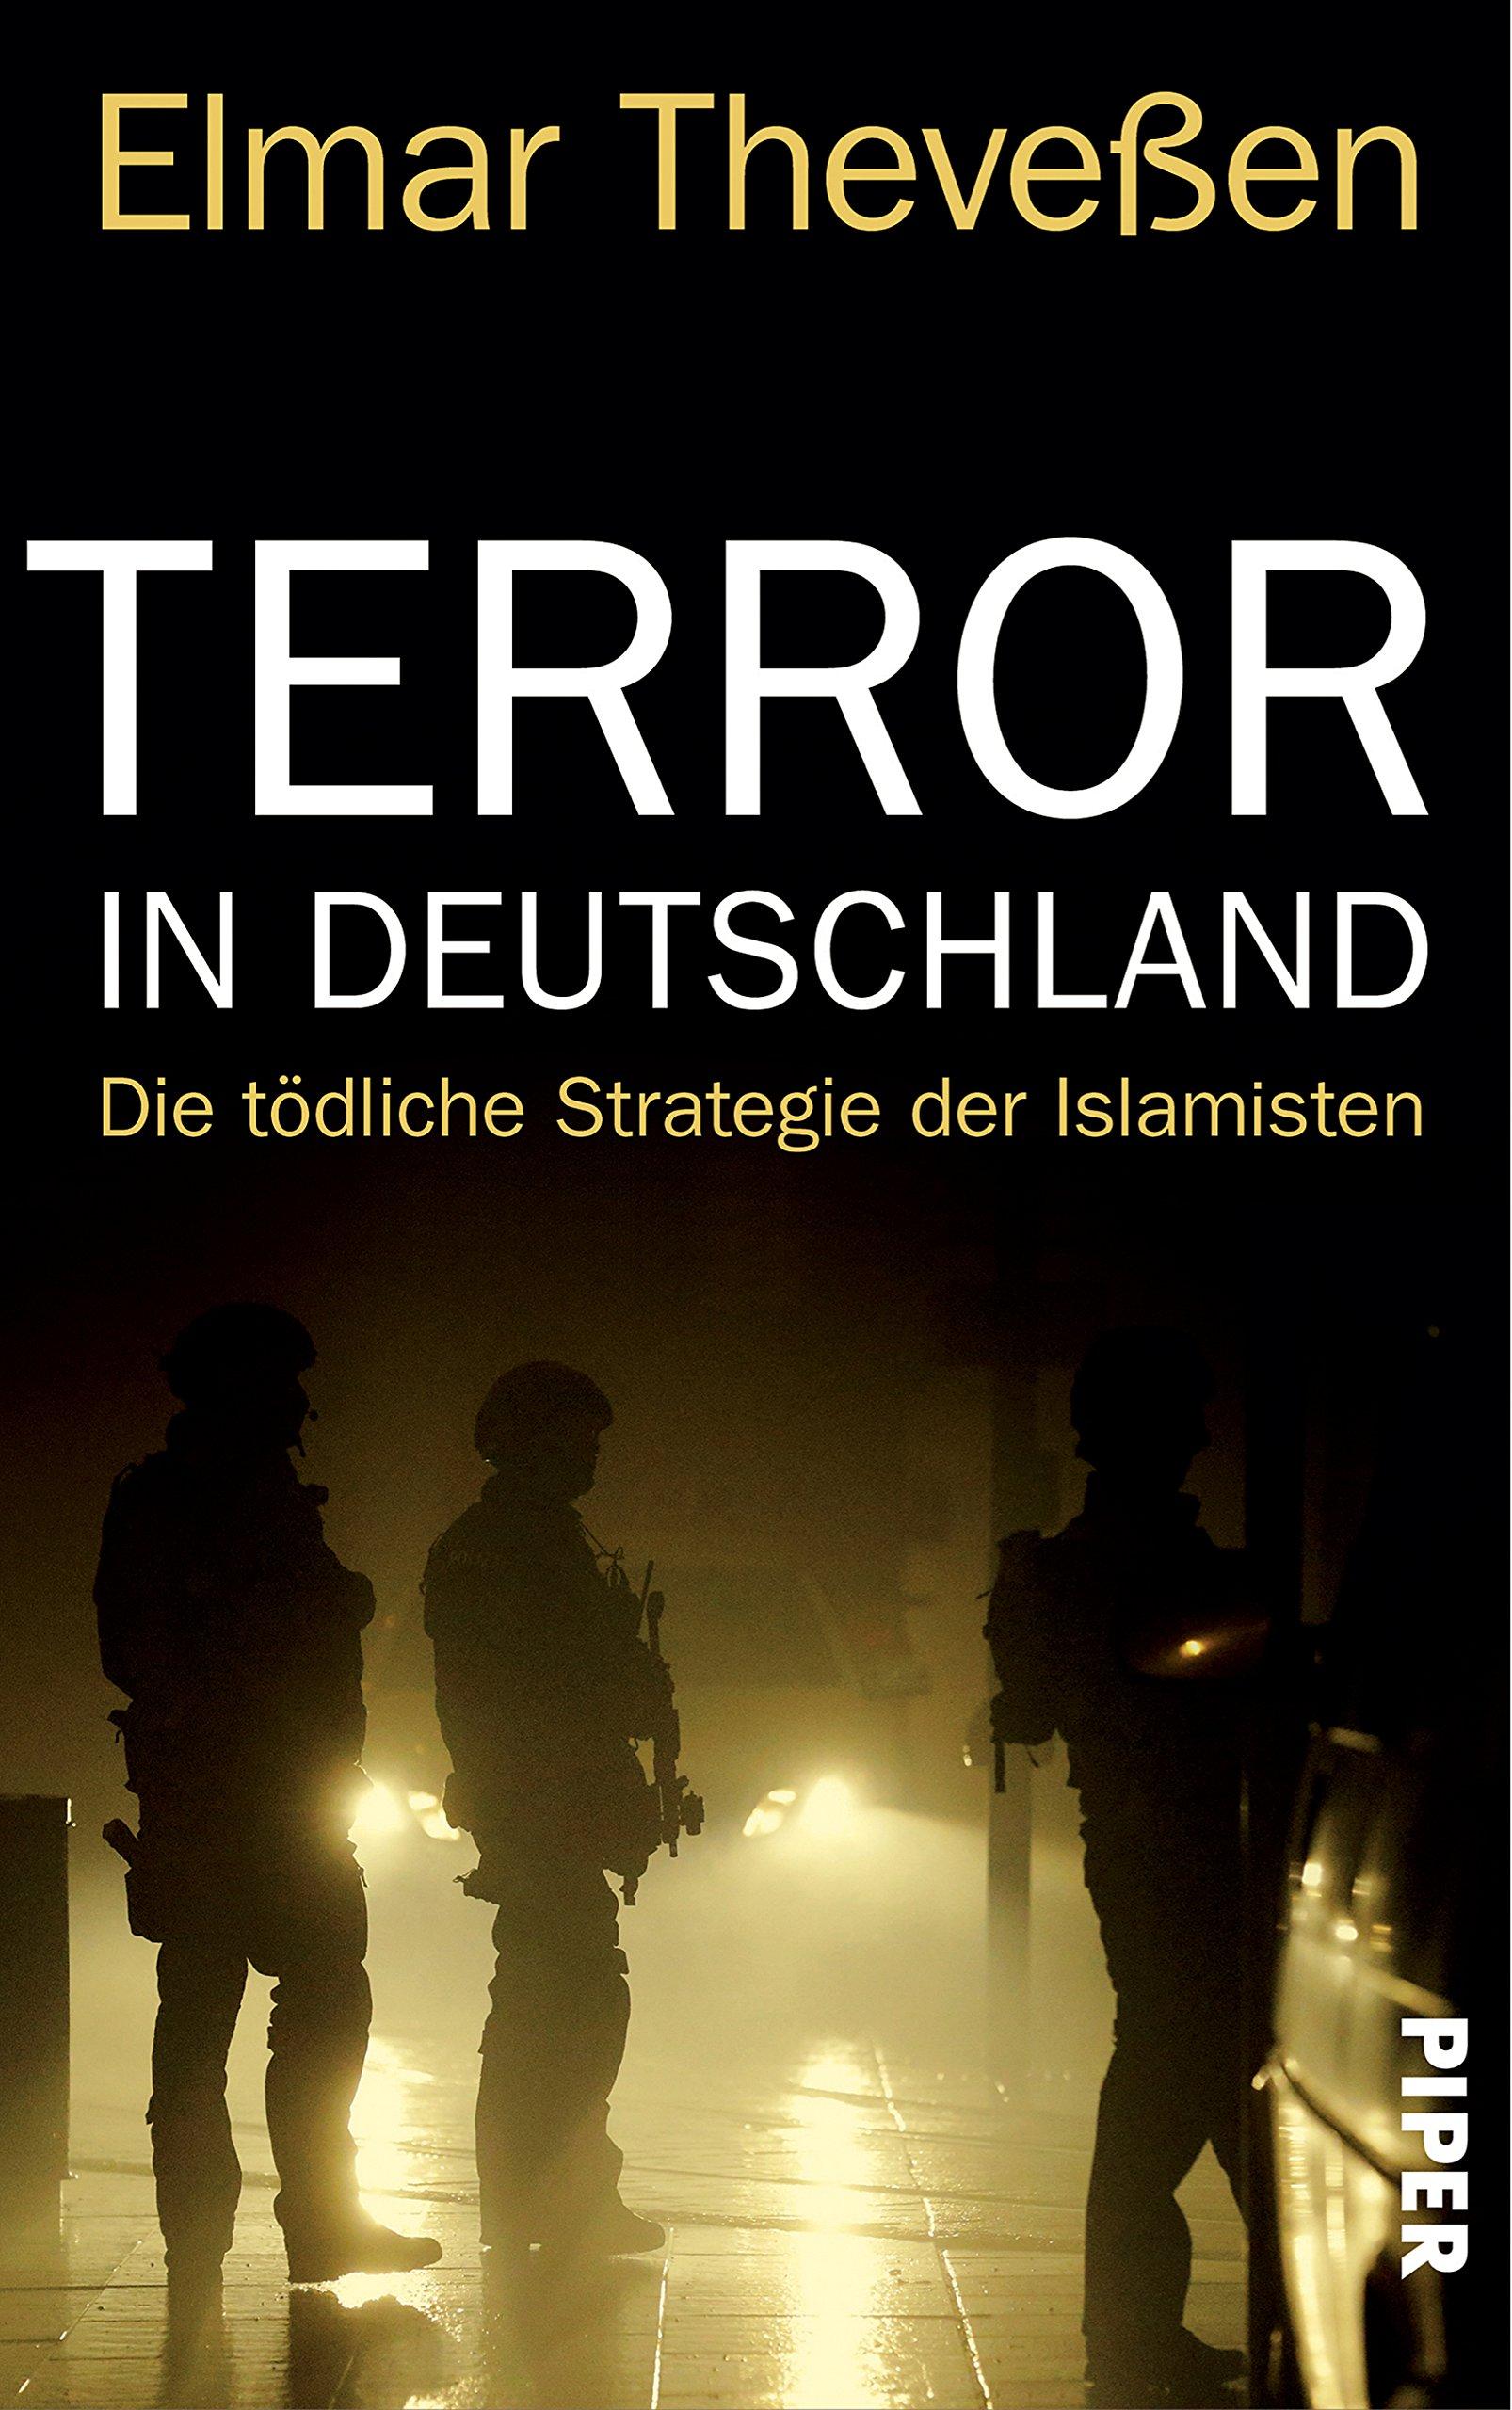 terror-in-deutschland-die-tdliche-strategie-der-islamisten